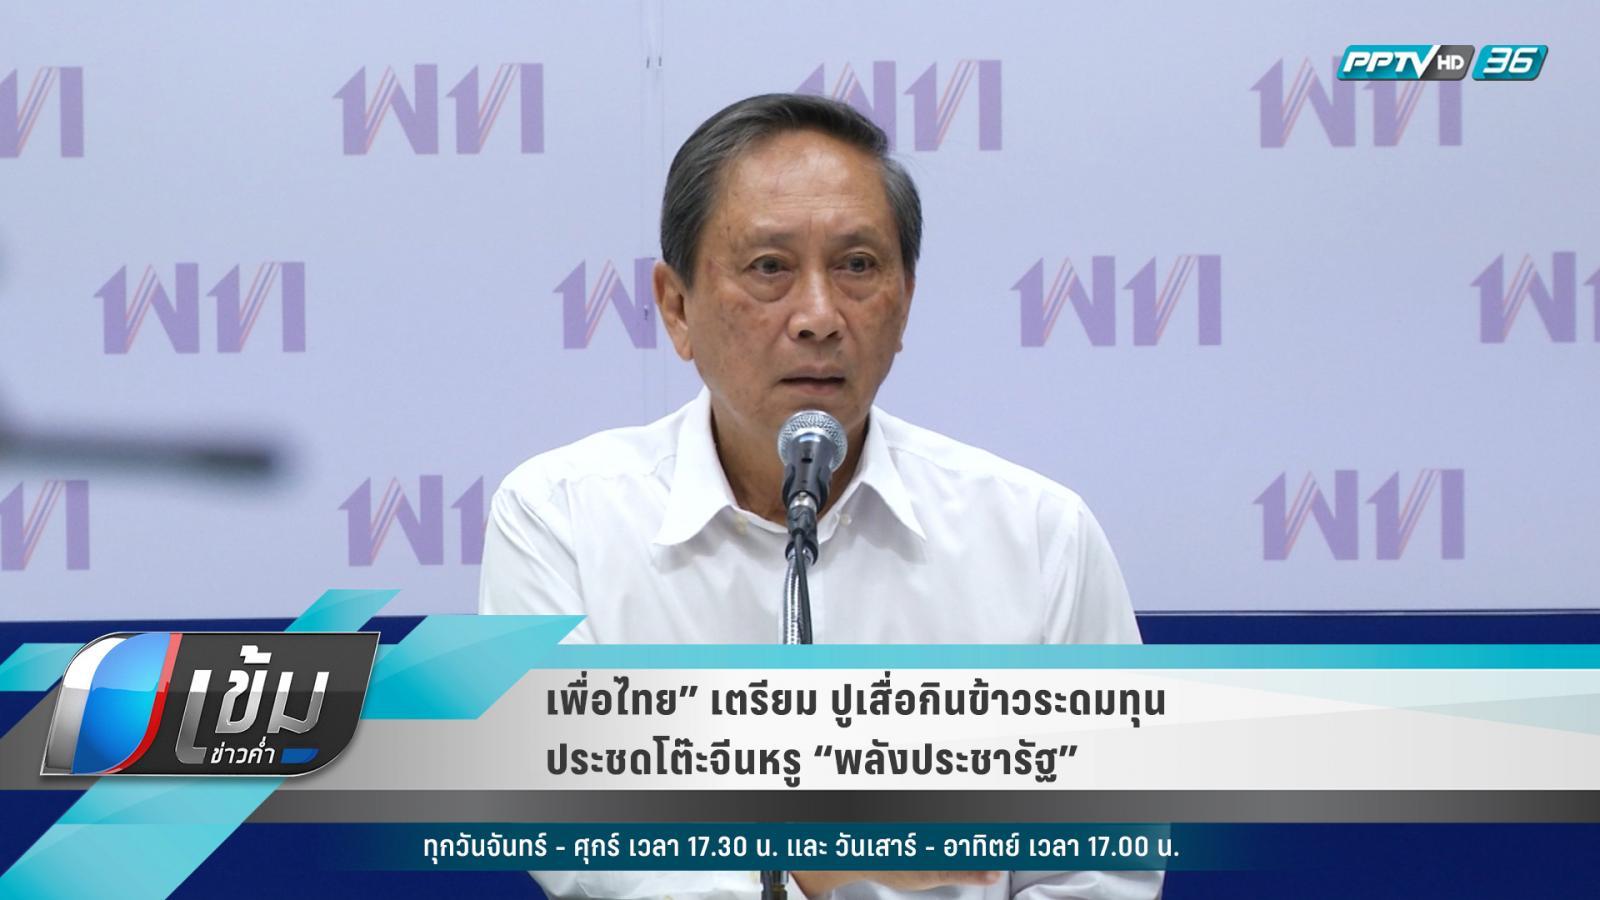 """""""เพื่อไทย"""" จ่อปูเสื่อระดมทุนประชดโต๊ะจีนร้อยล้าน """"พลังประชารัฐ"""""""